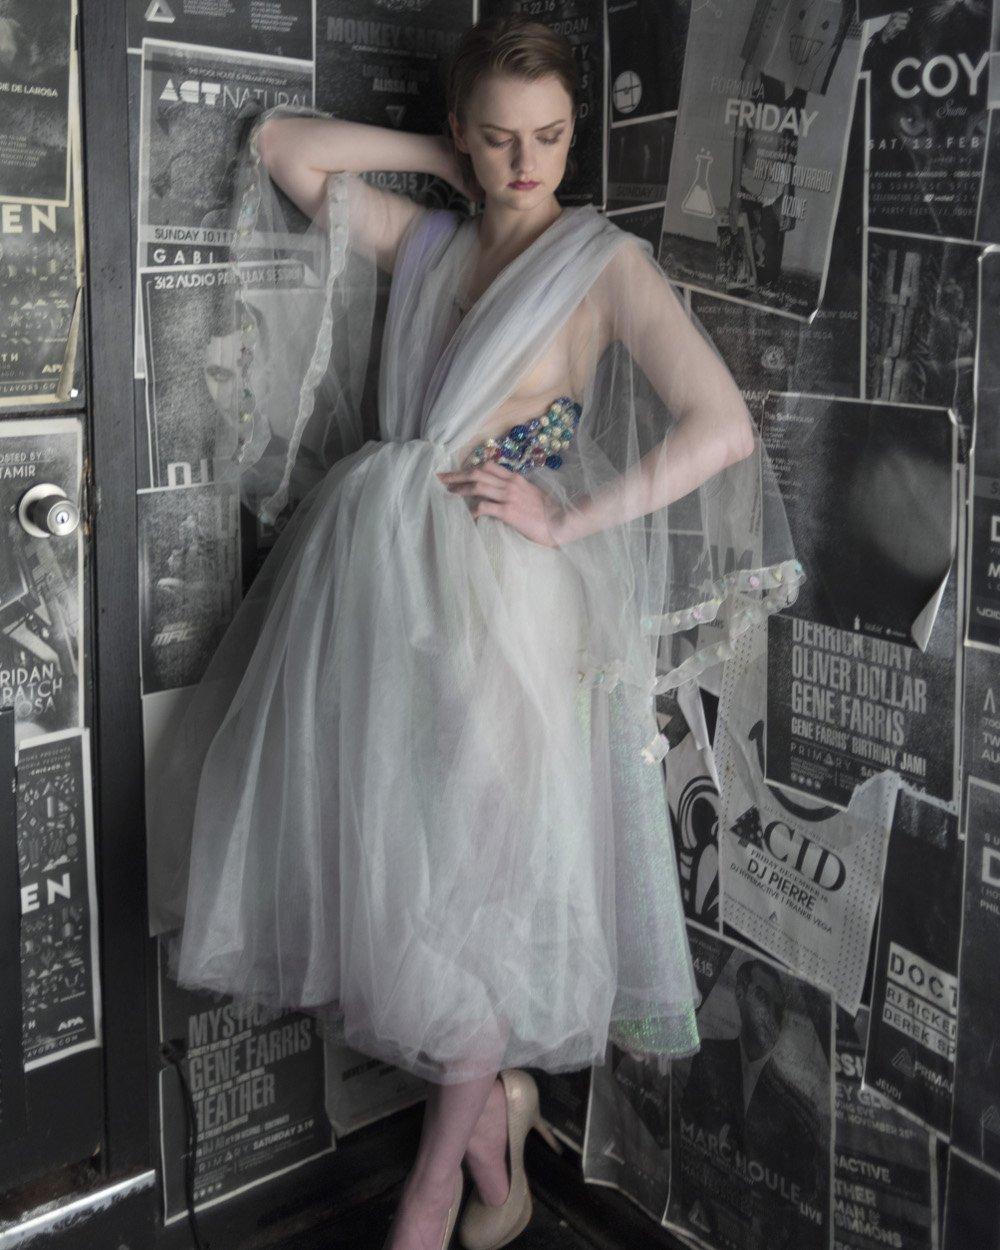 El vestido de cóctel J-na Couture no se parece a nada. El vestido negro readymade no se puede comparar en muchos niveles. Crédito de la foto Carlos Rodolfo Photography. HMUA Deborah Dee